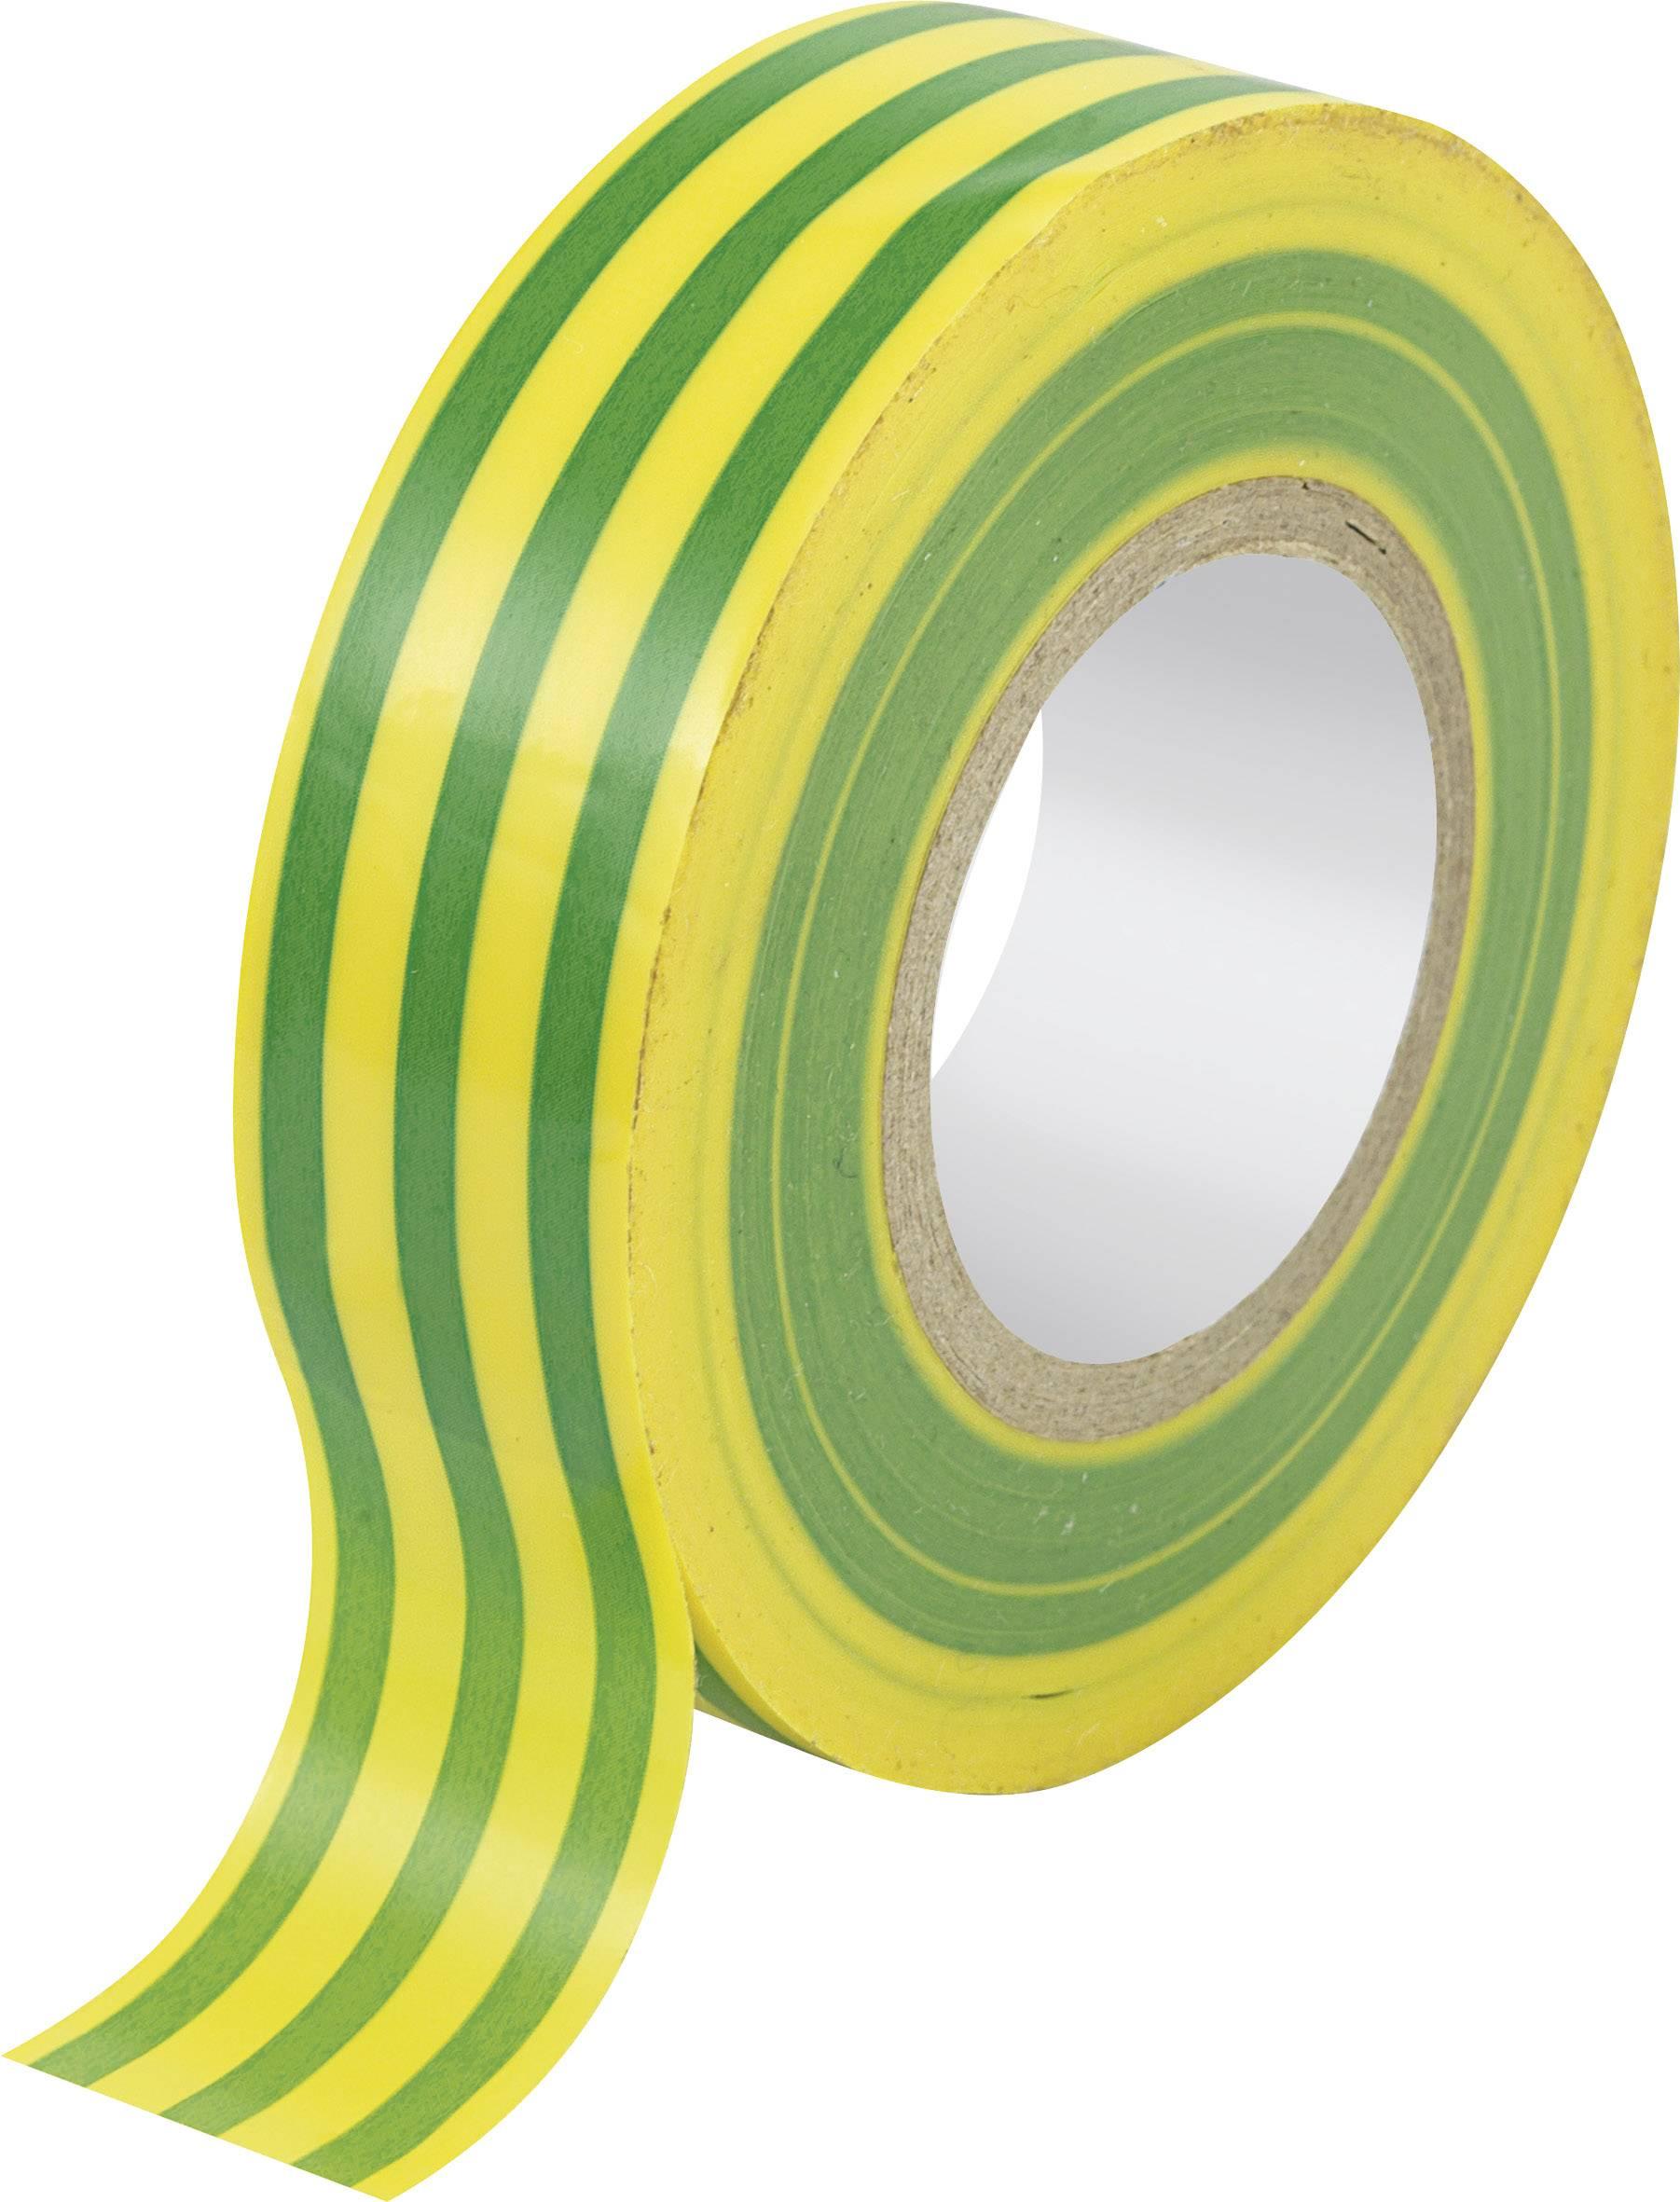 Izolačná páska Conrad Components SW10-157 541284, (d x š) 10 m x 19 mm, zelená, žltá, 1 roliek